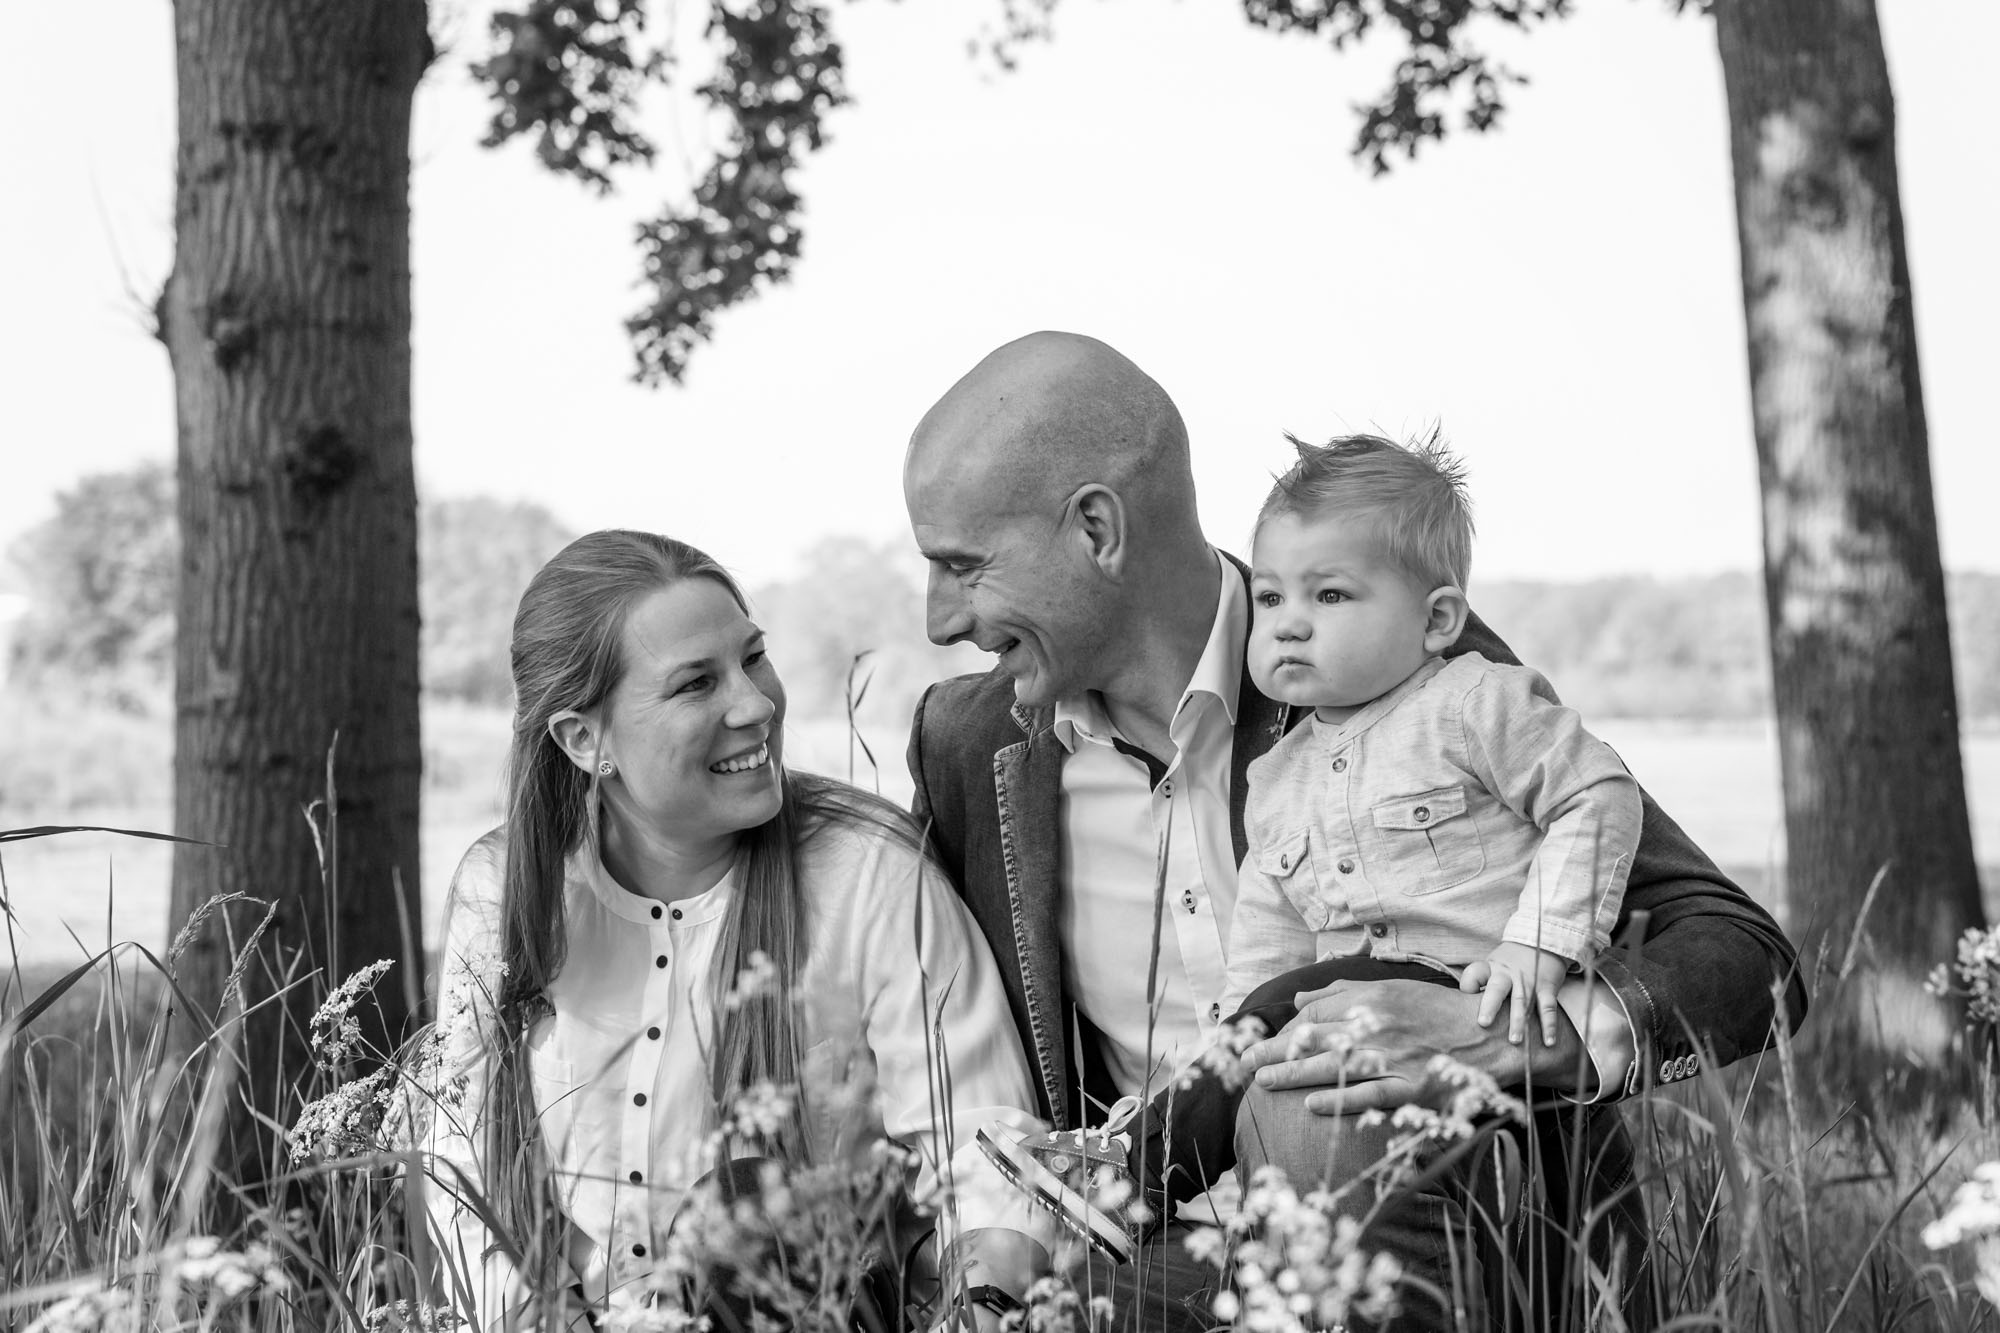 Gezinsfotograaf in Amersfoort, Nijkerk, Hoevelaken en omgeving, voor gezinsreportage. Gezinsfotoshoot door Mayra Fotografie. Fotoshoot